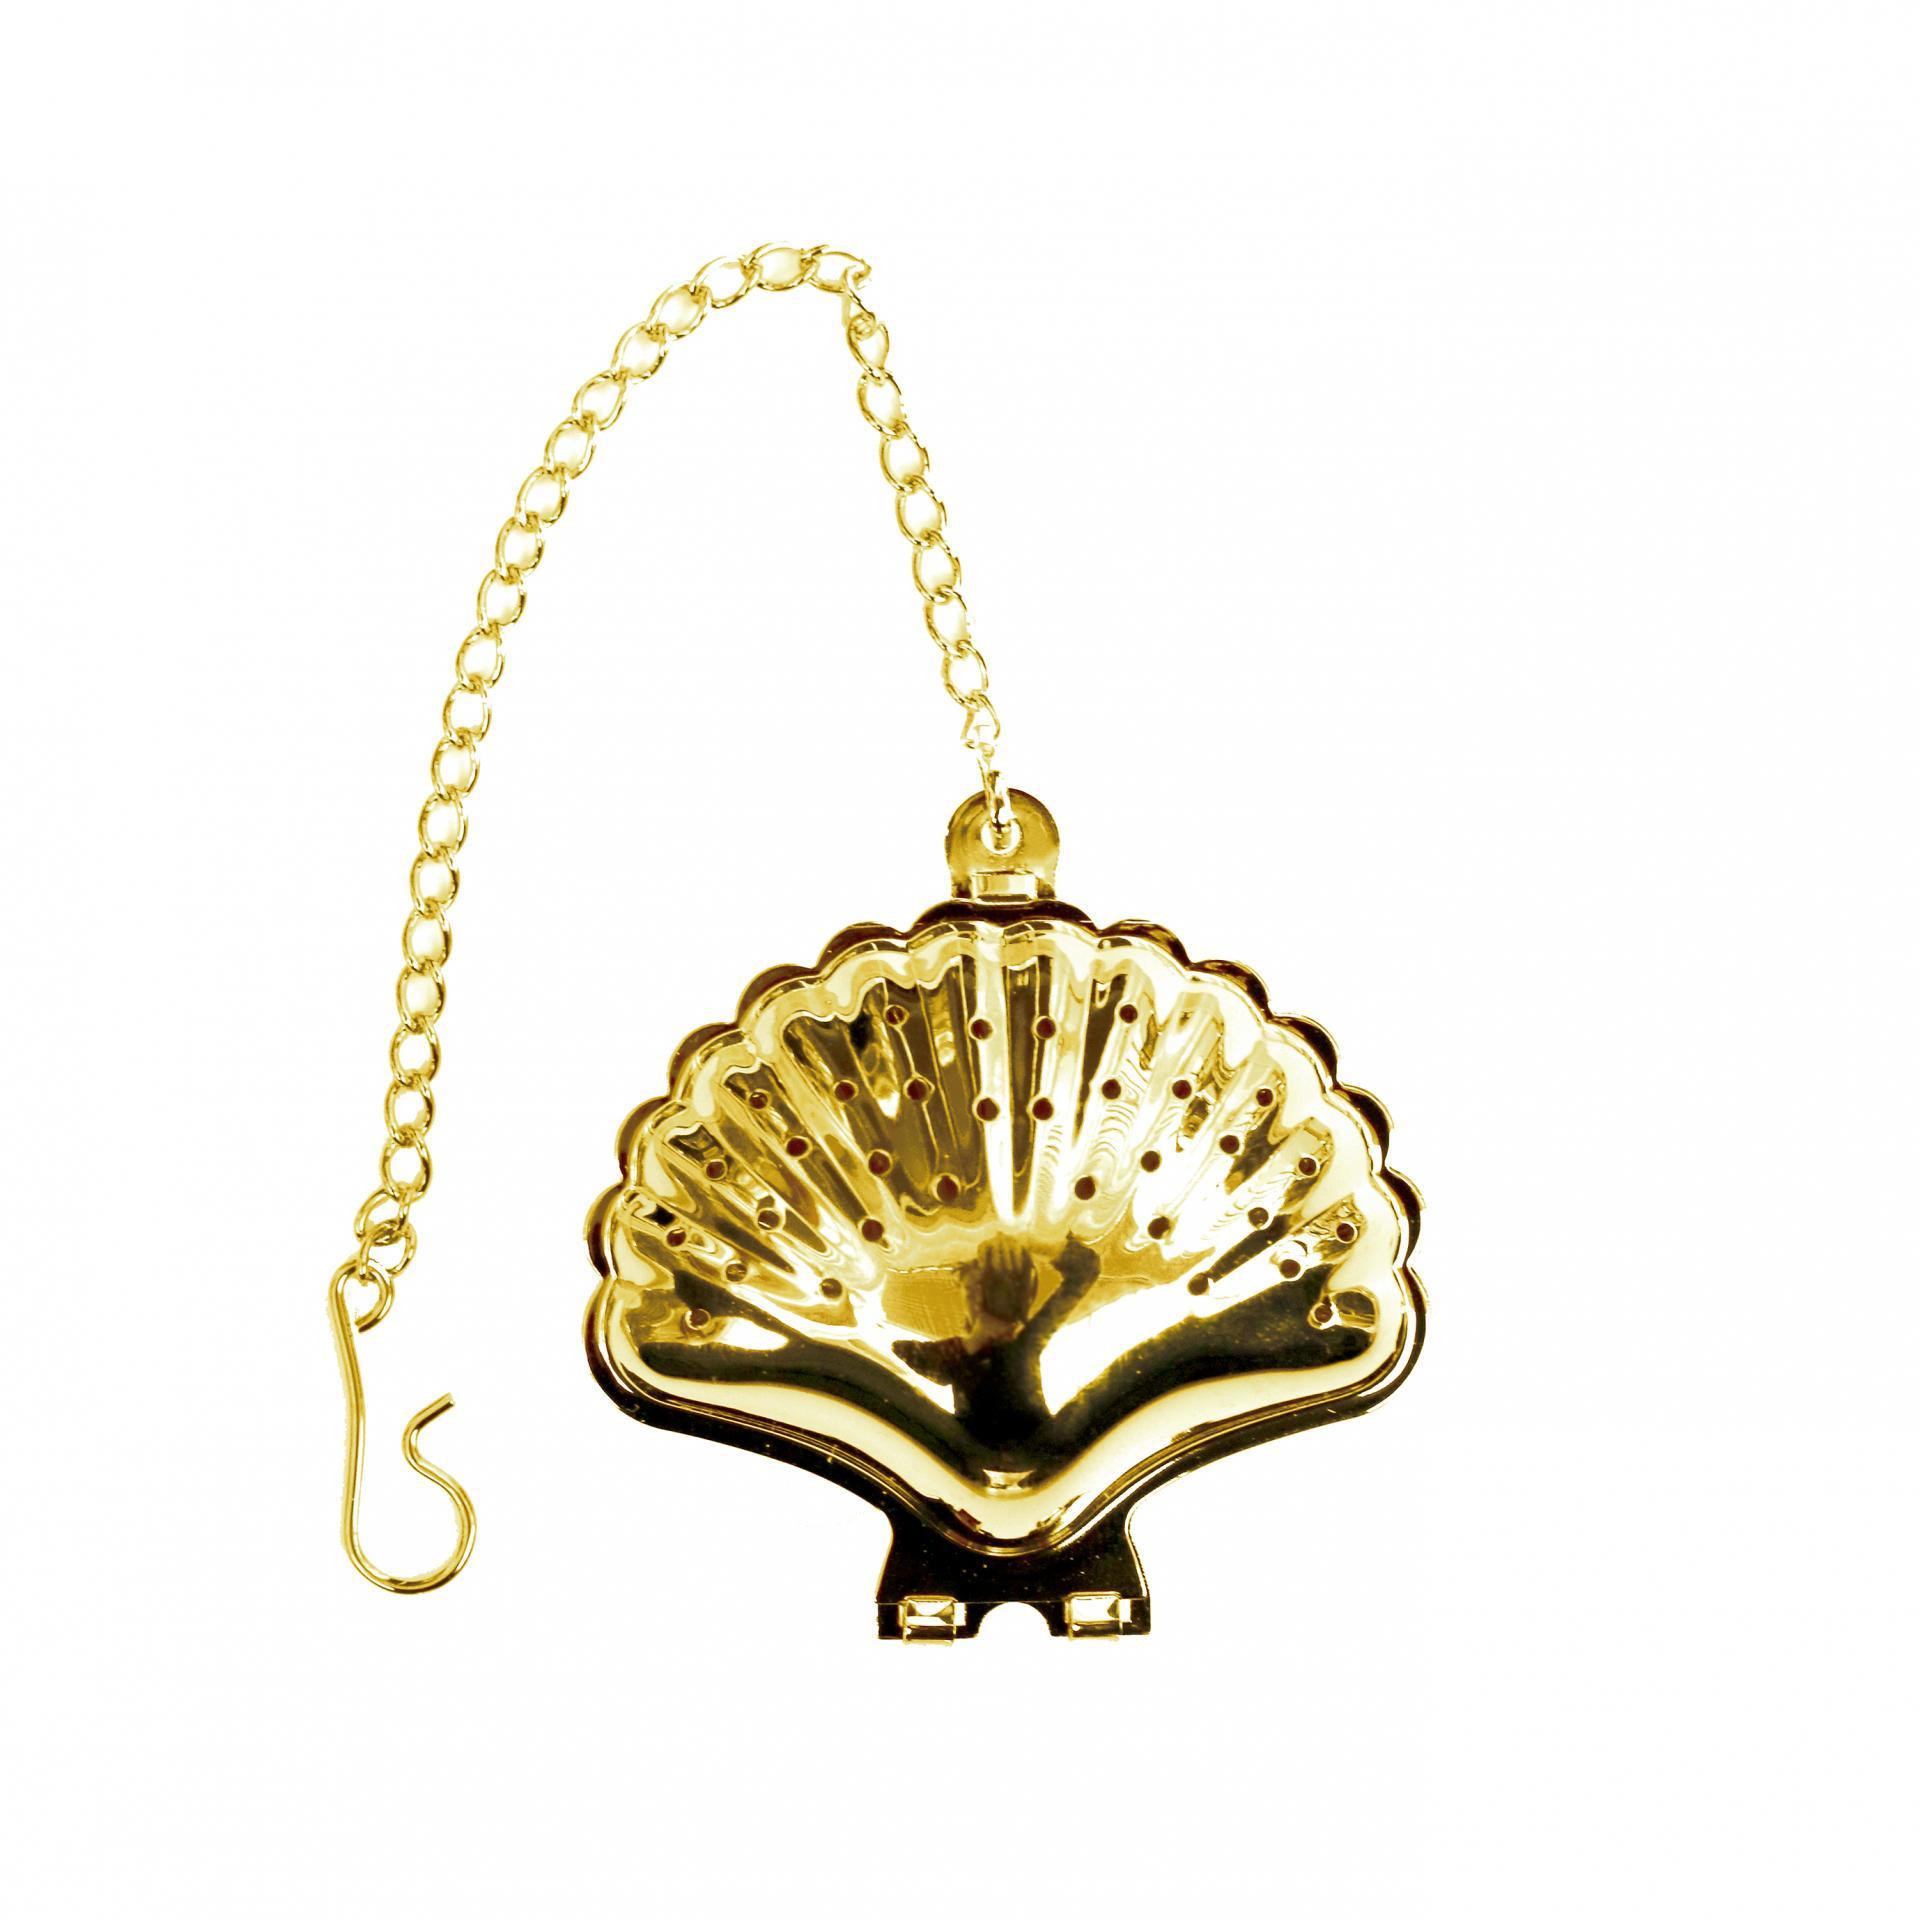 TAFELGUT Sítko na čaj Shell, zlatá barva, kov